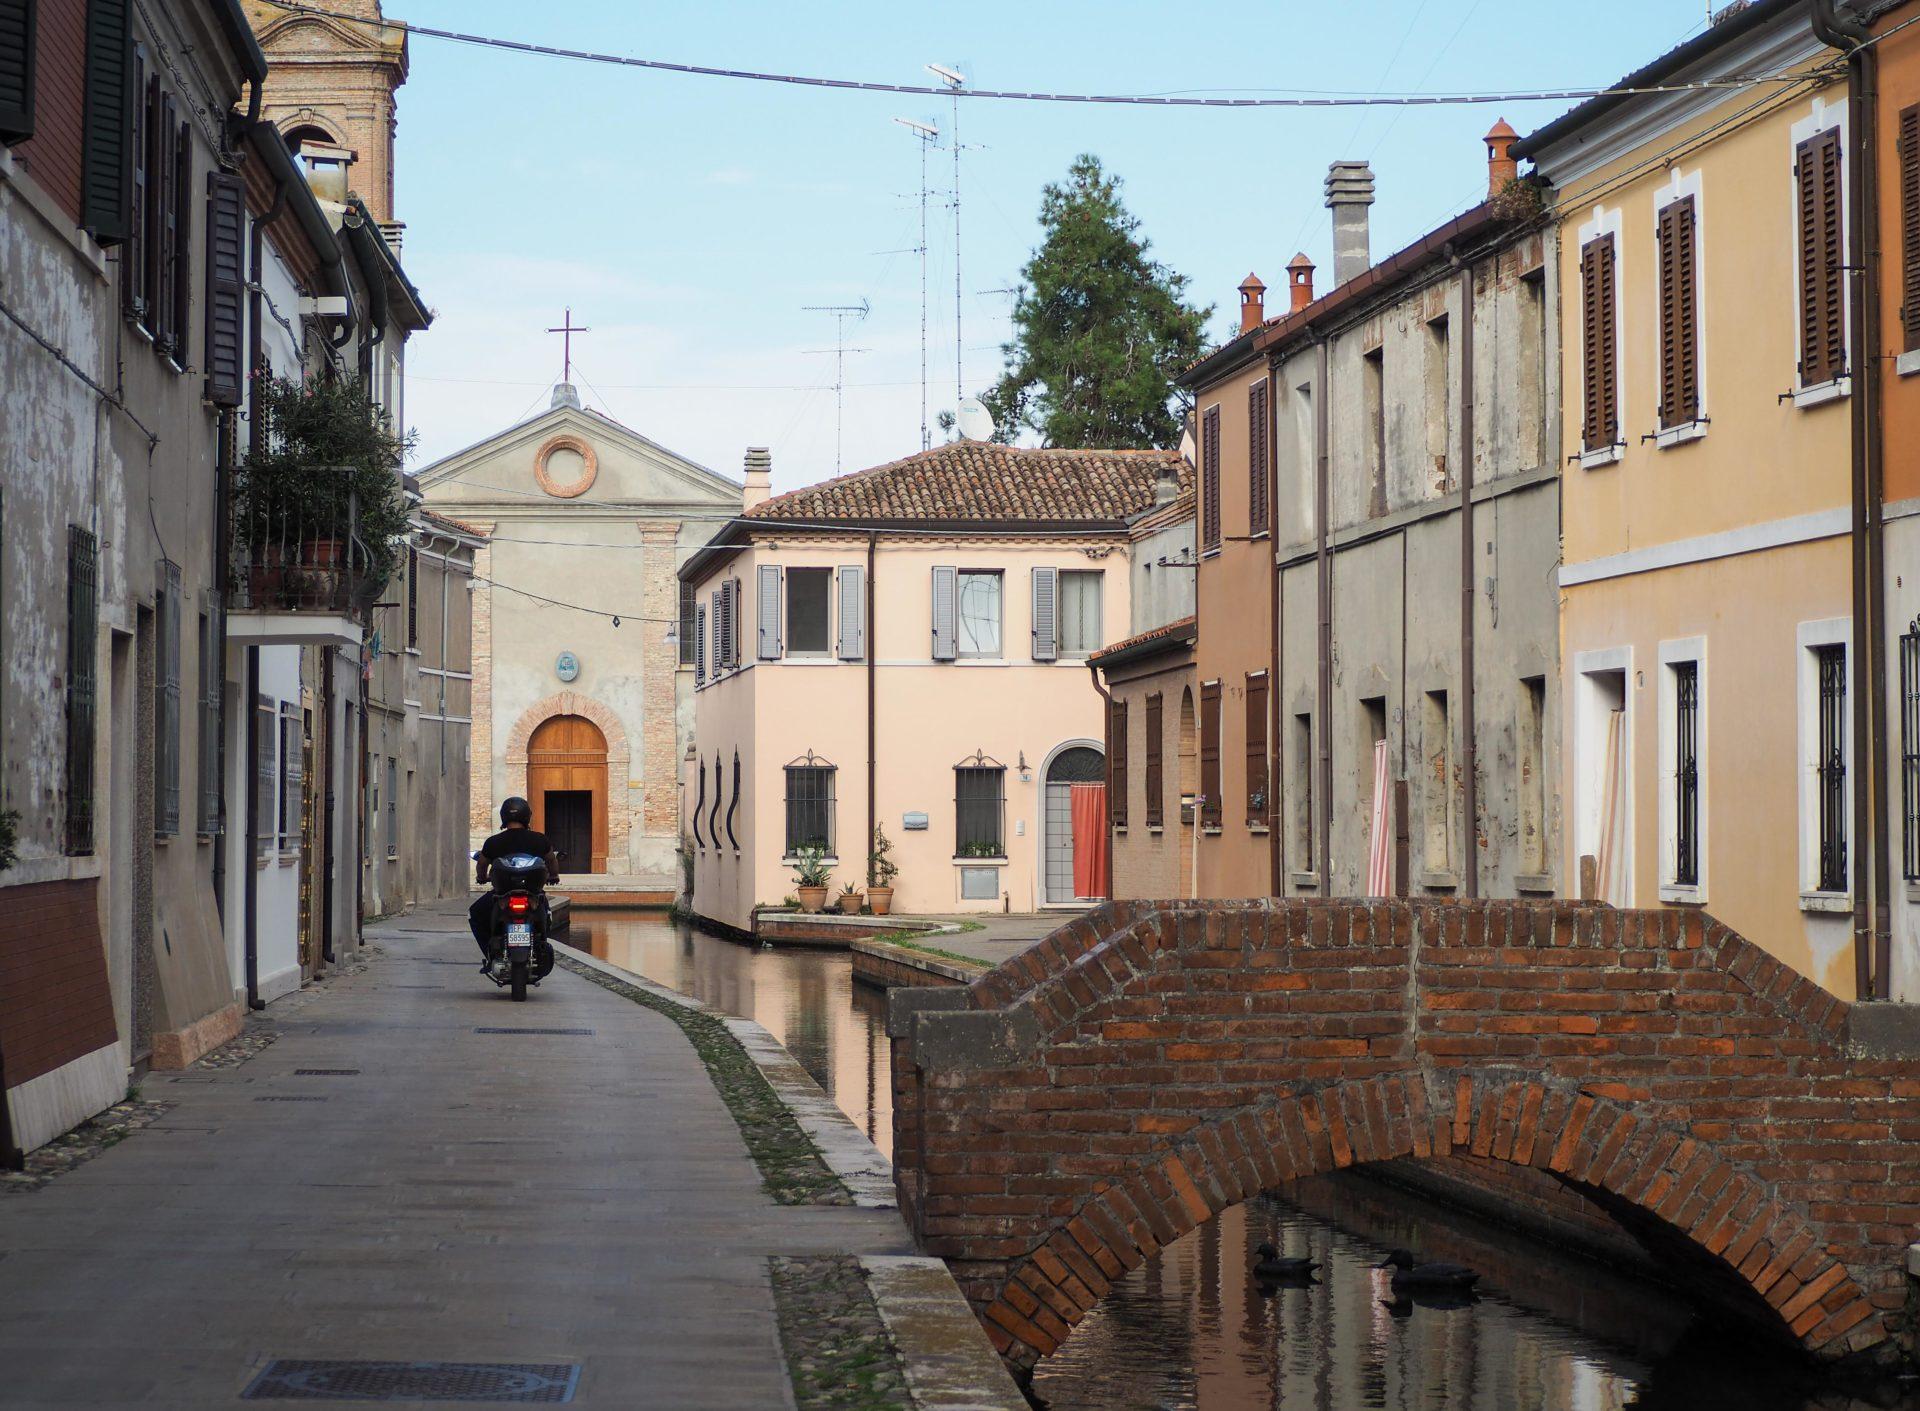 Comacchio - Un voyage nature en Emilie-Romagne, au coeur du Delta du Pô sur la côte Adriatique et du Parc national de la Forêt Casentinesi, Mont Falterona et Campigna dans les Apennins en Italie